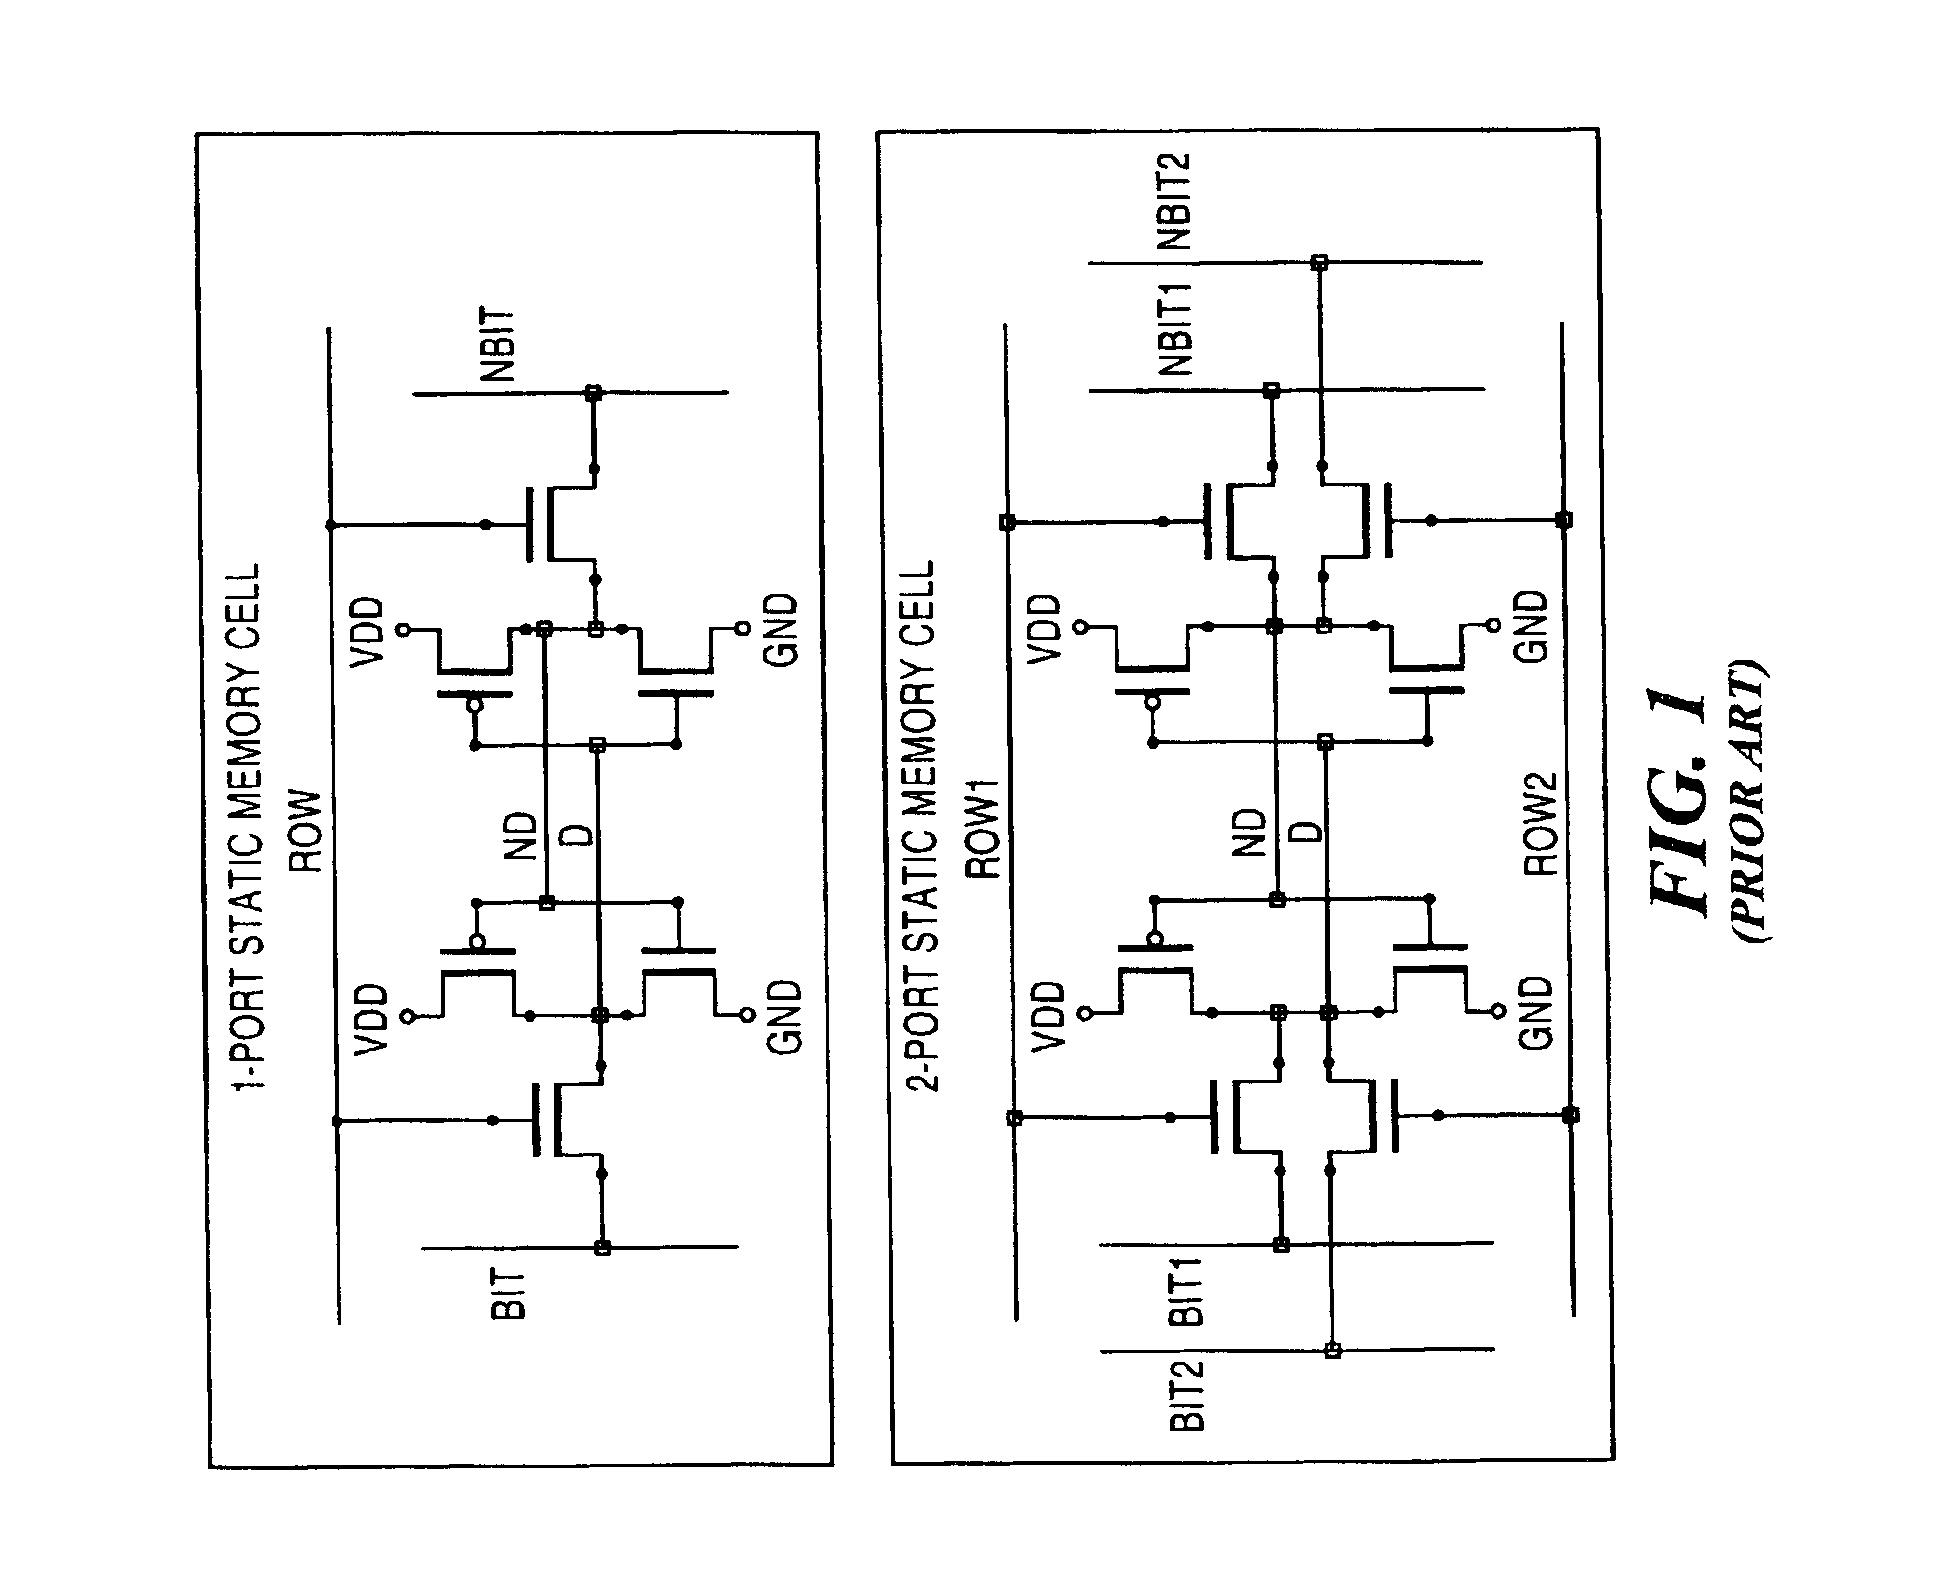 patent us6882562